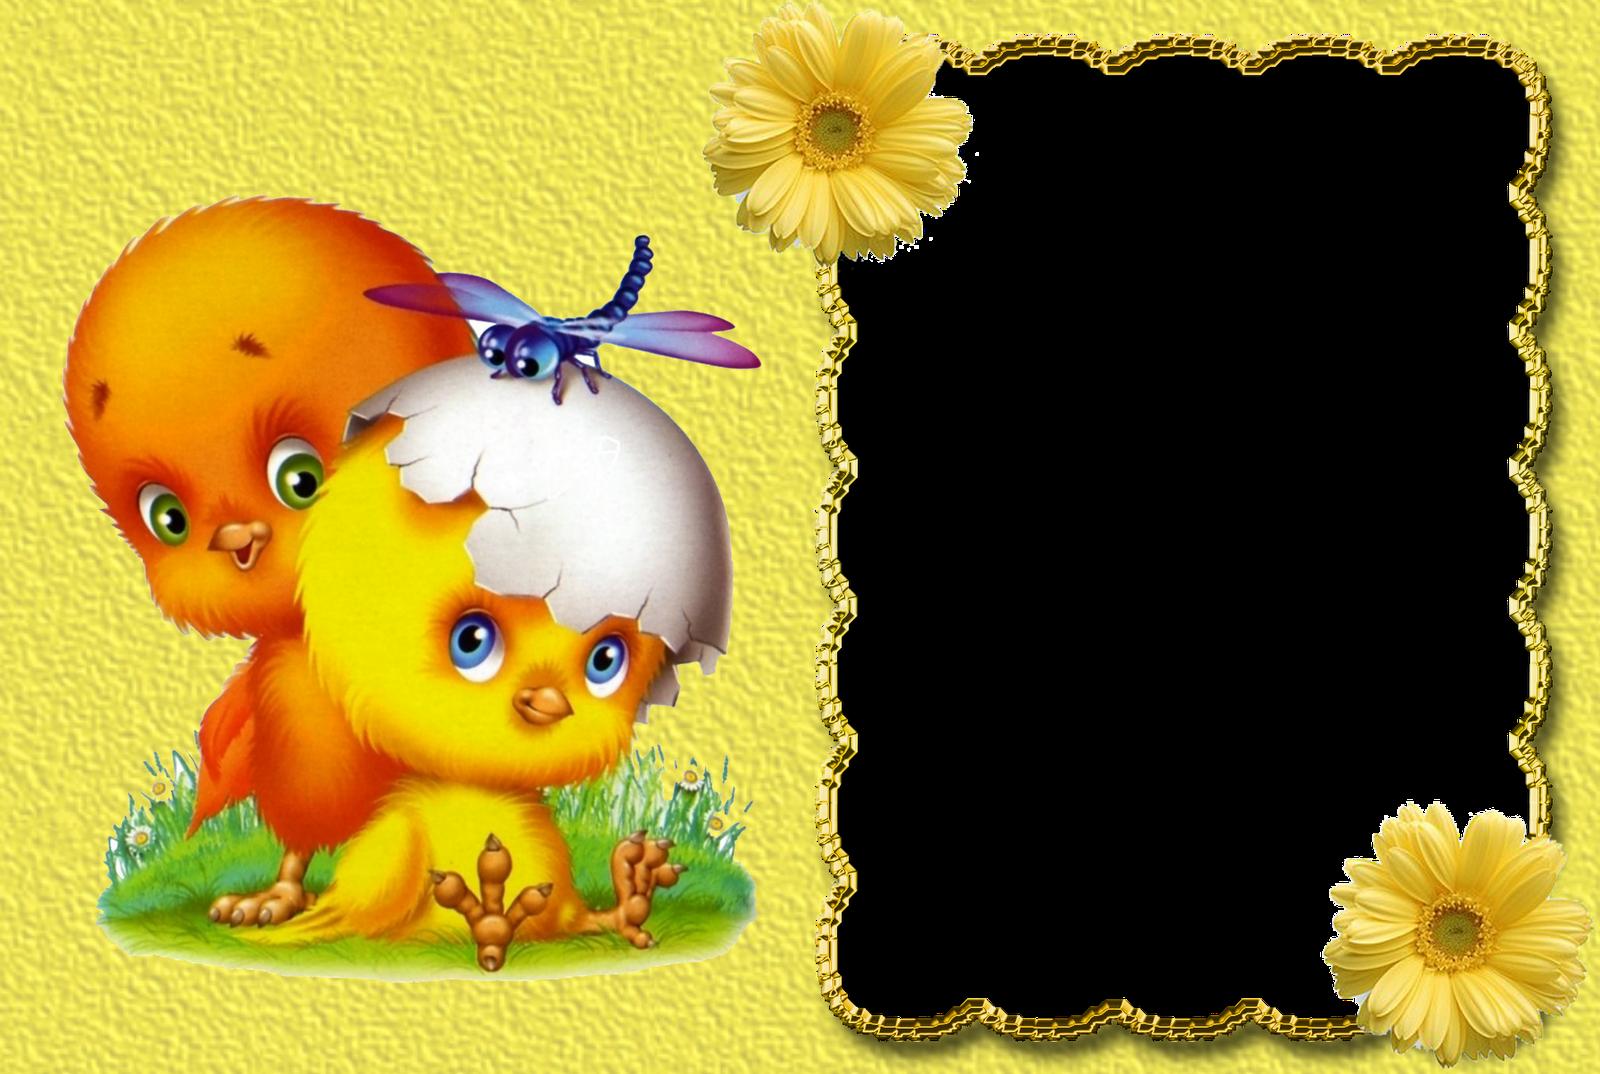 El rinc n de andre to plantillas png infantiles para - Plantillas decorativas infantiles ...